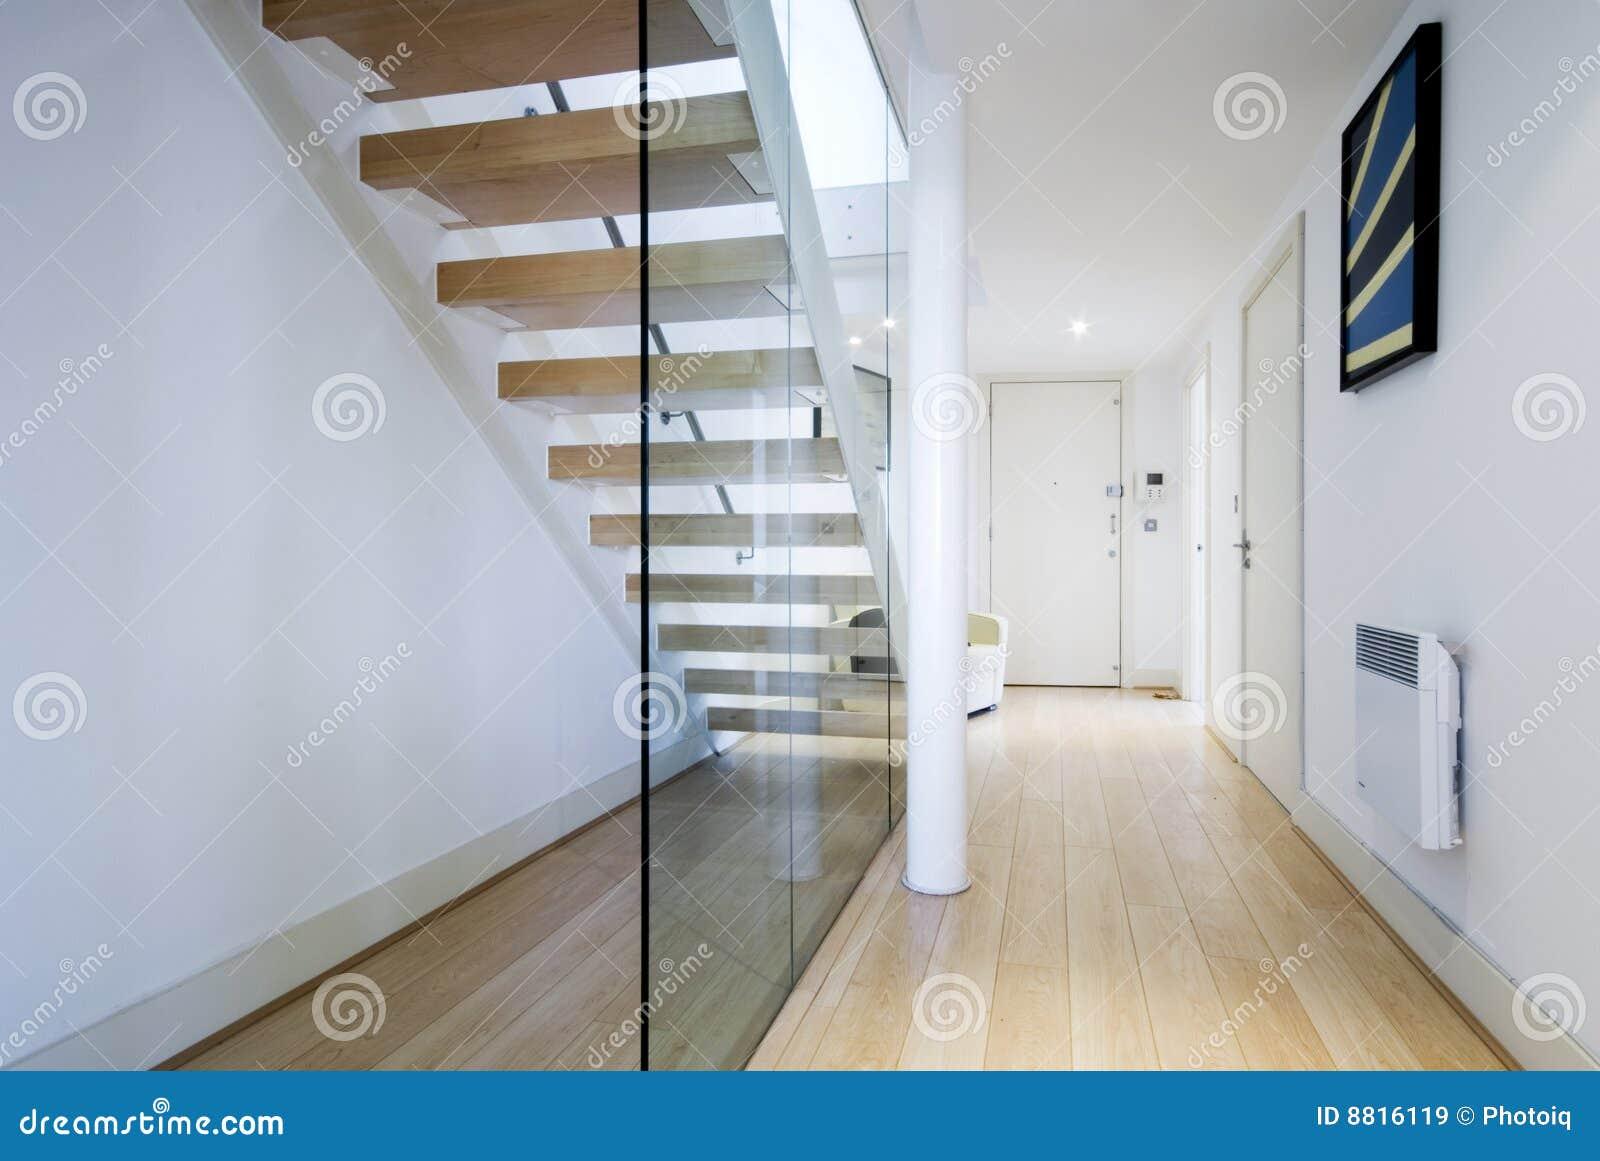 Hall d 39 entr e avec l 39 escalier images libres de droits for Entree avec escalier